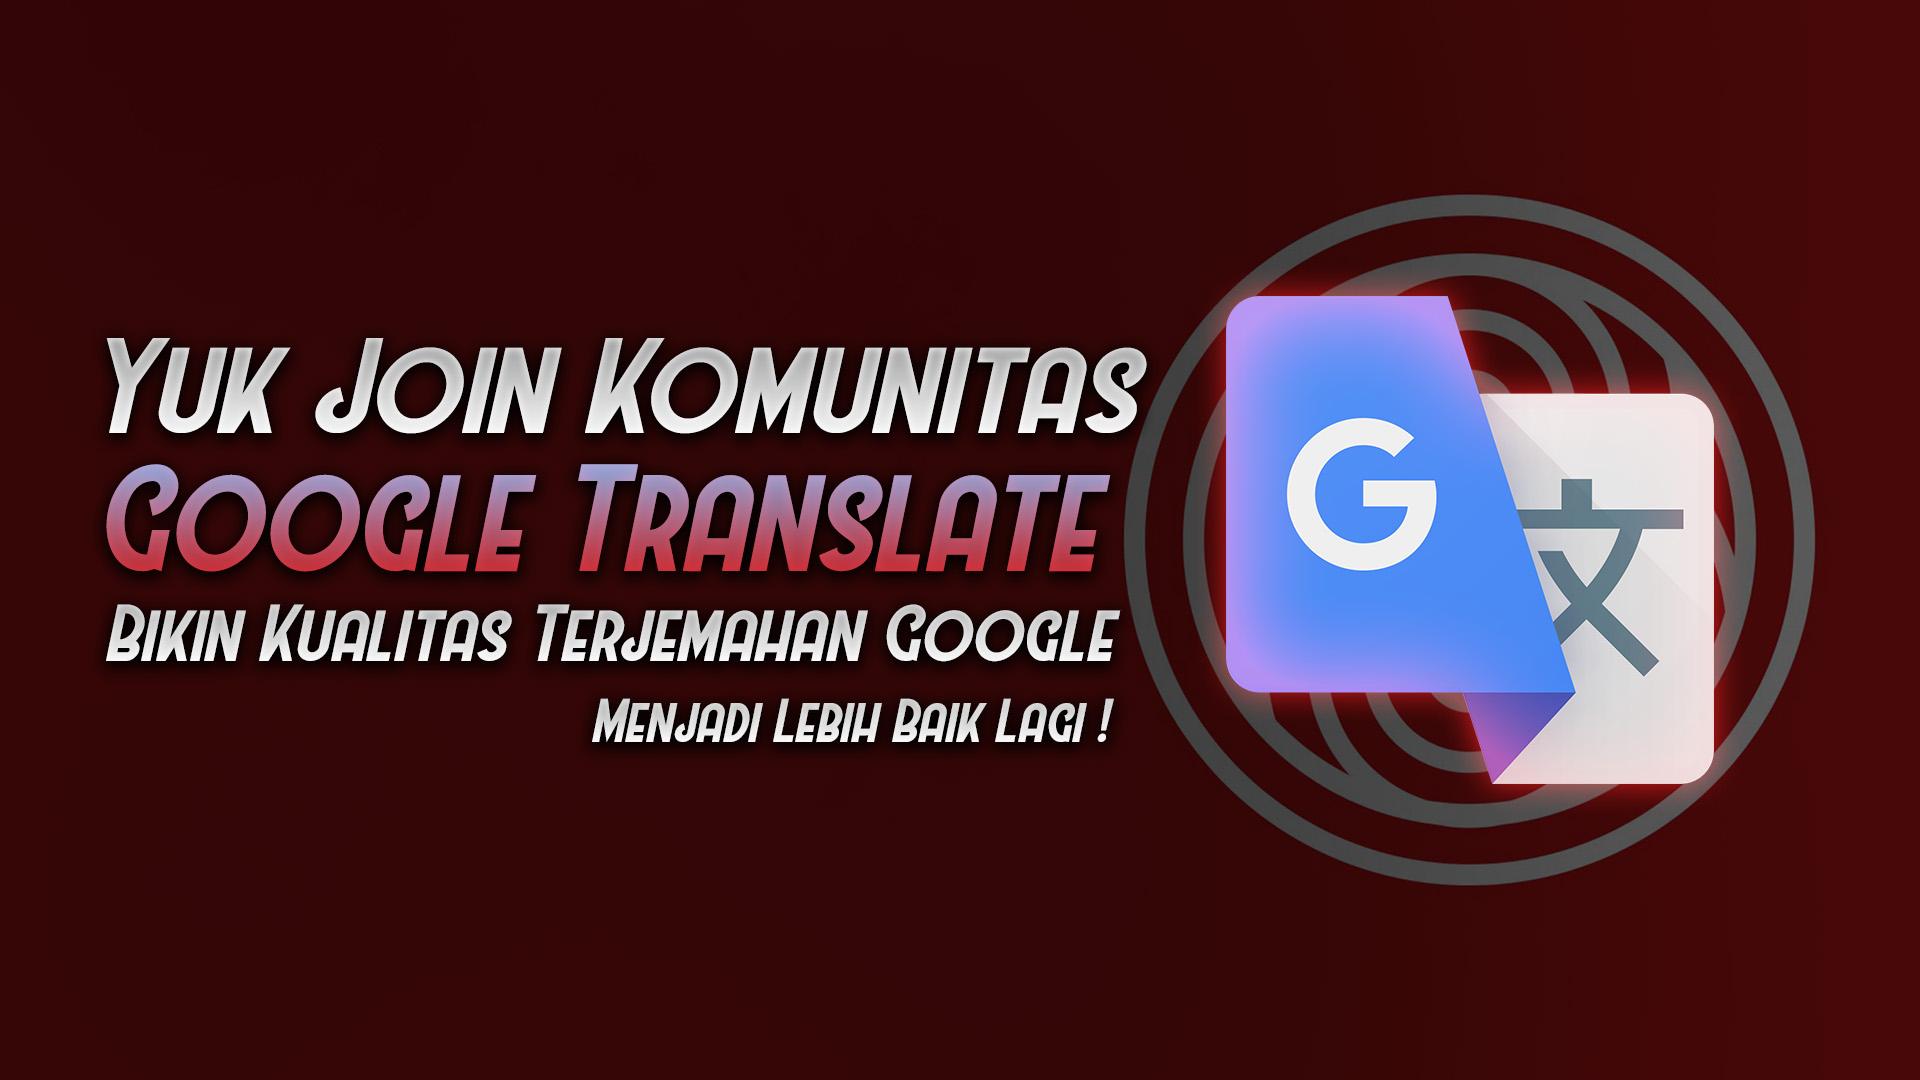 bergabung dengan google translate community gratis - rio bermano